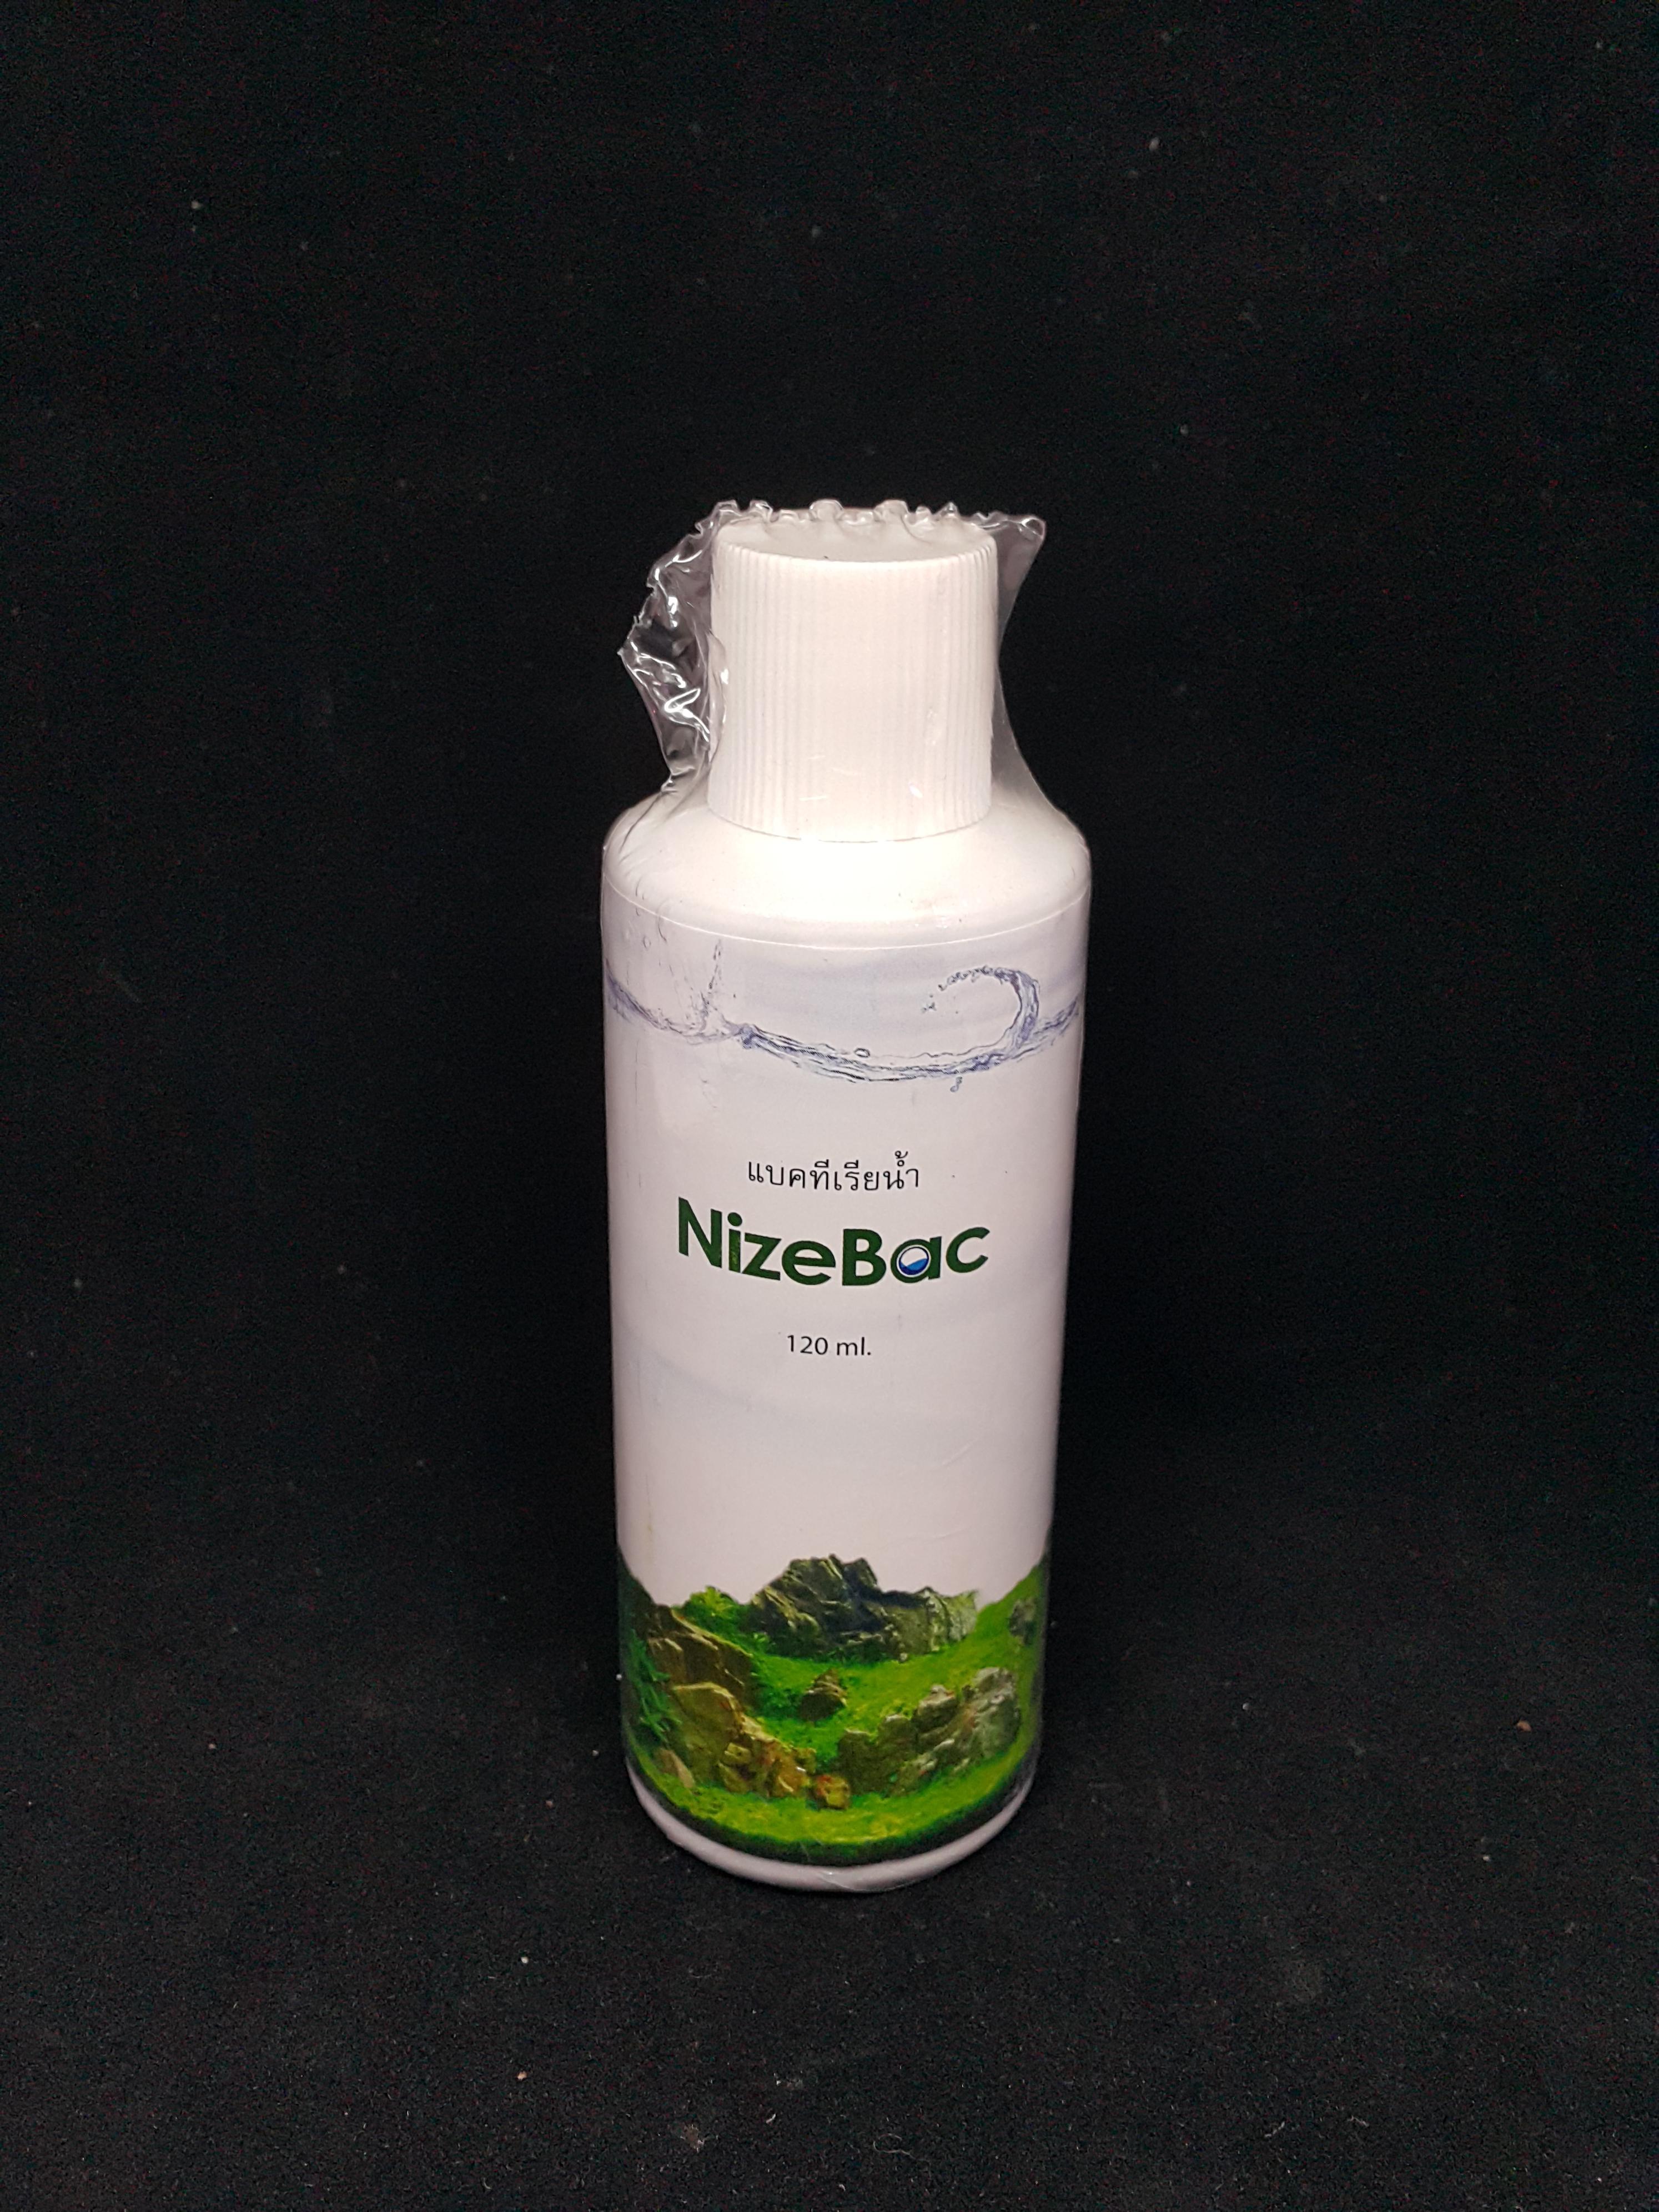 จุลินทรีย์น้ำ * Nizebac 3 แถม 1 ขวด